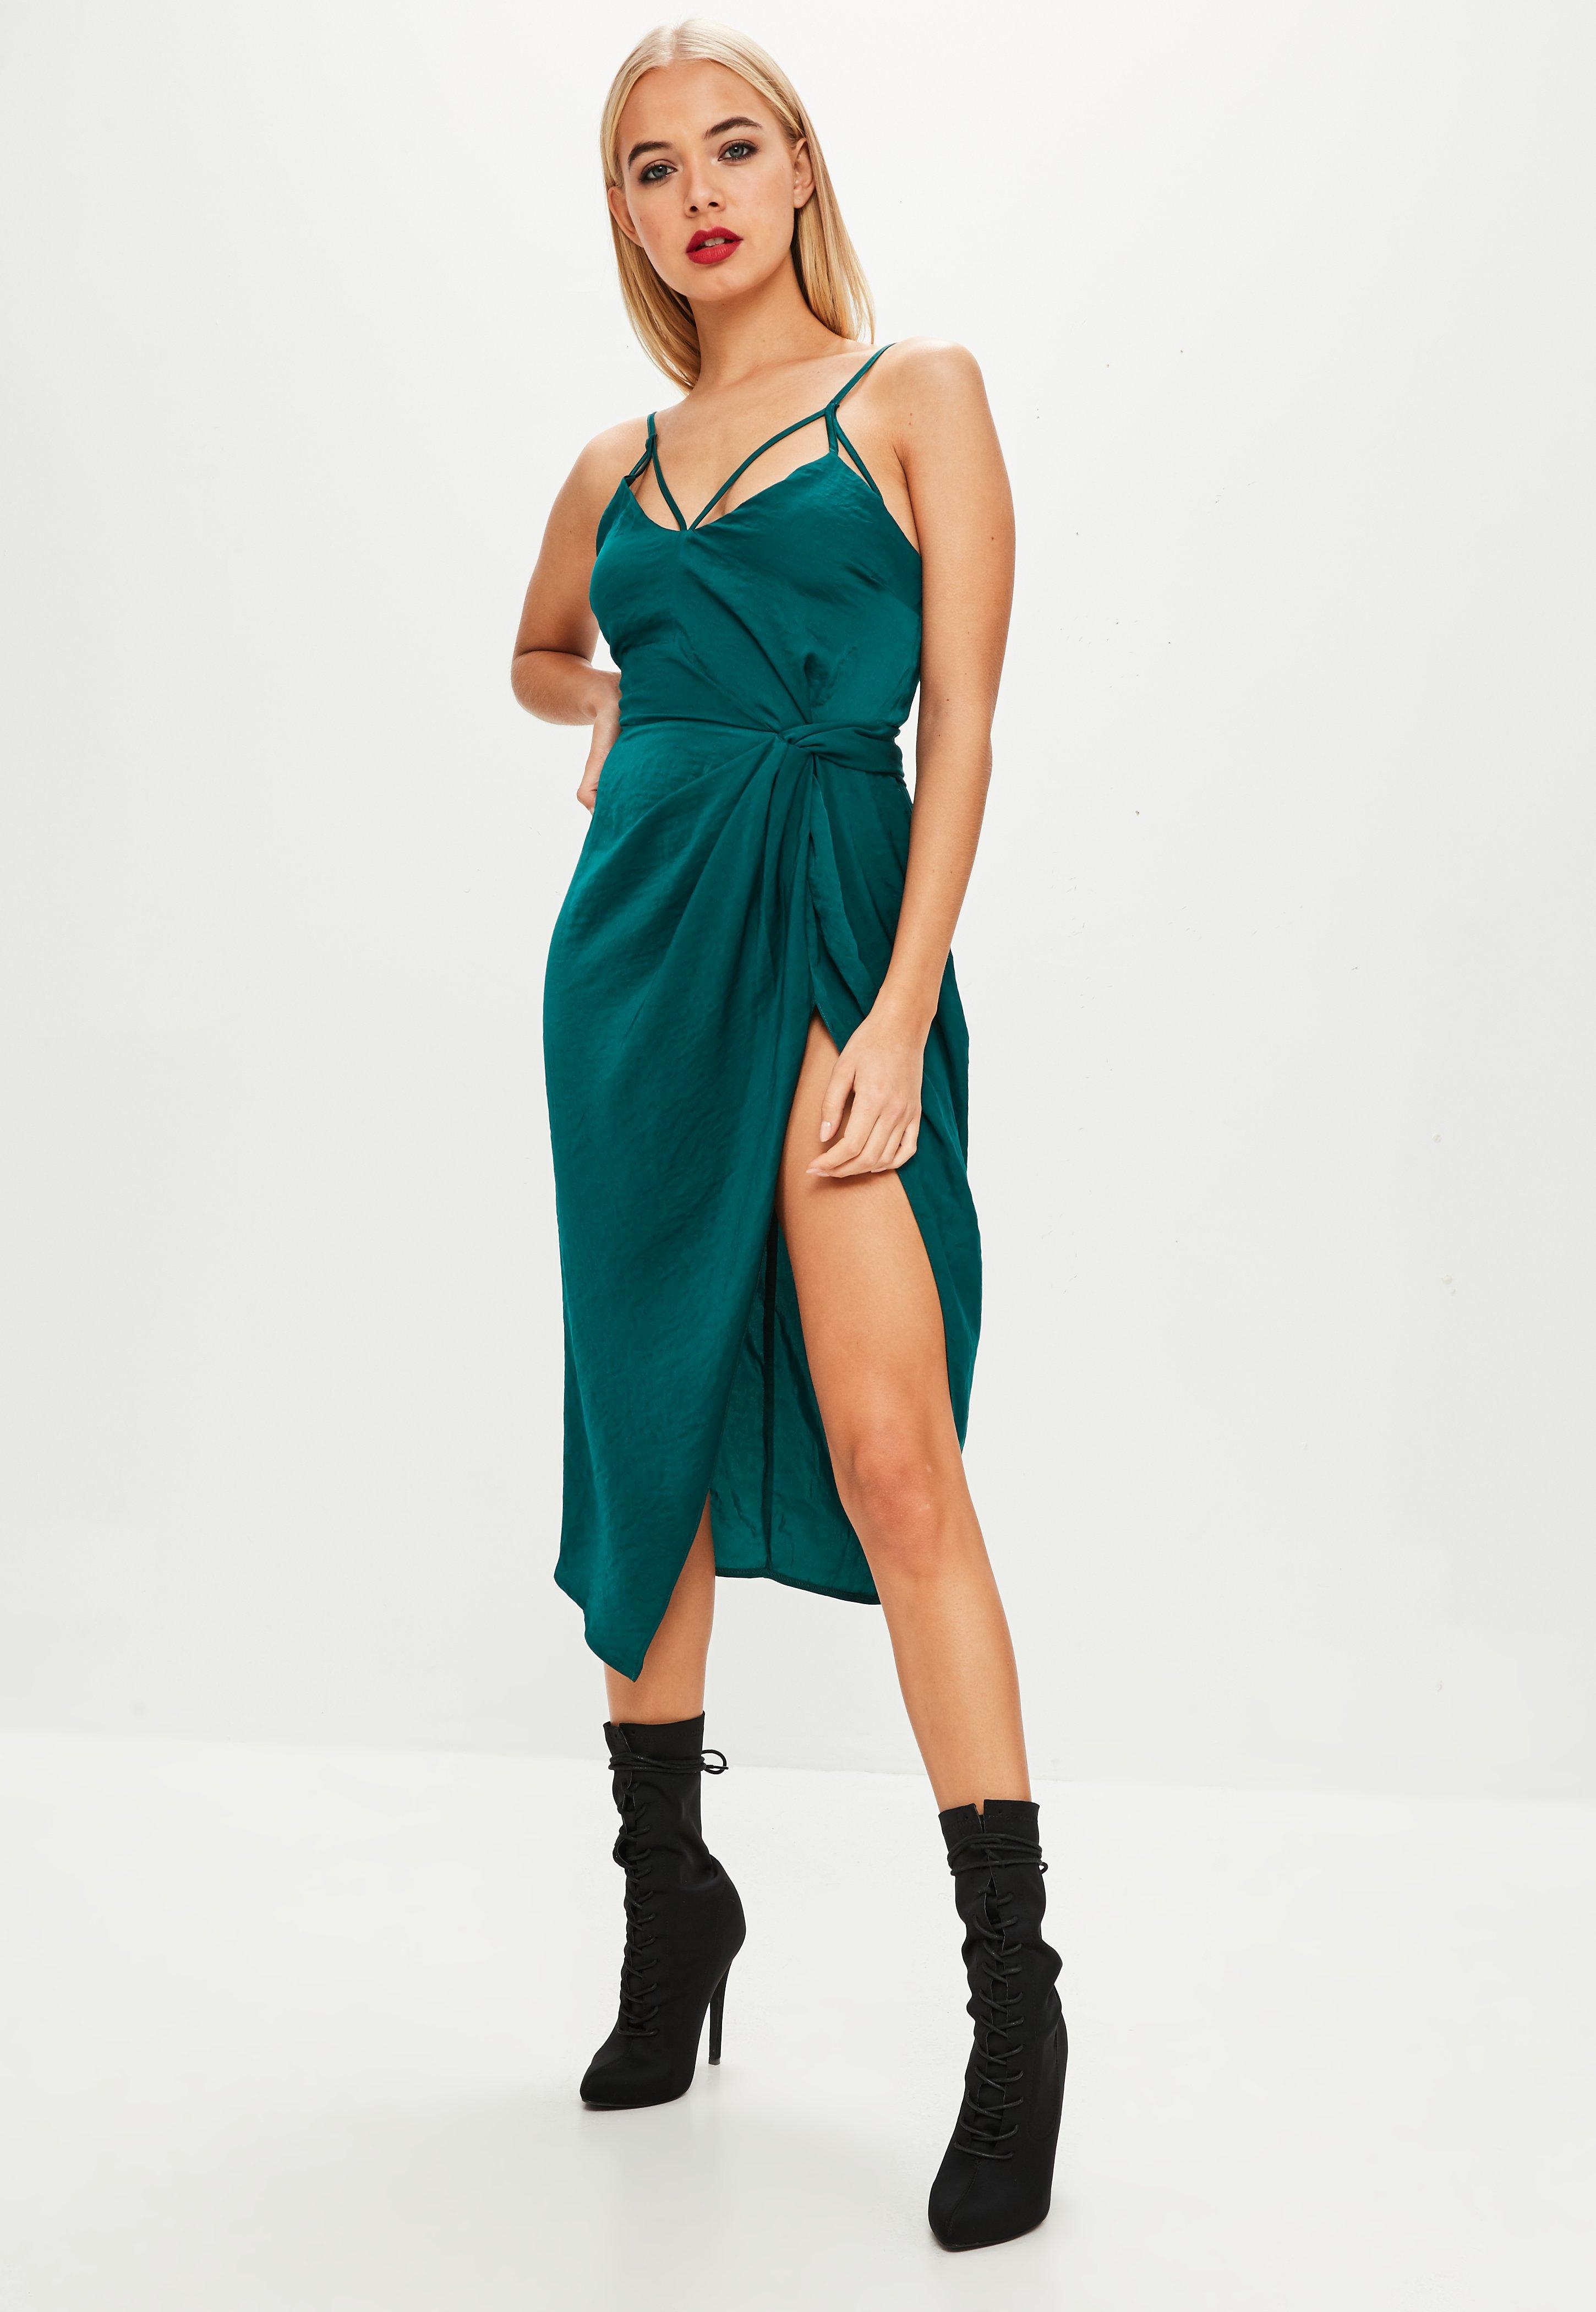 Midi Dresses | Knee Length Dresses - Missguided Australia